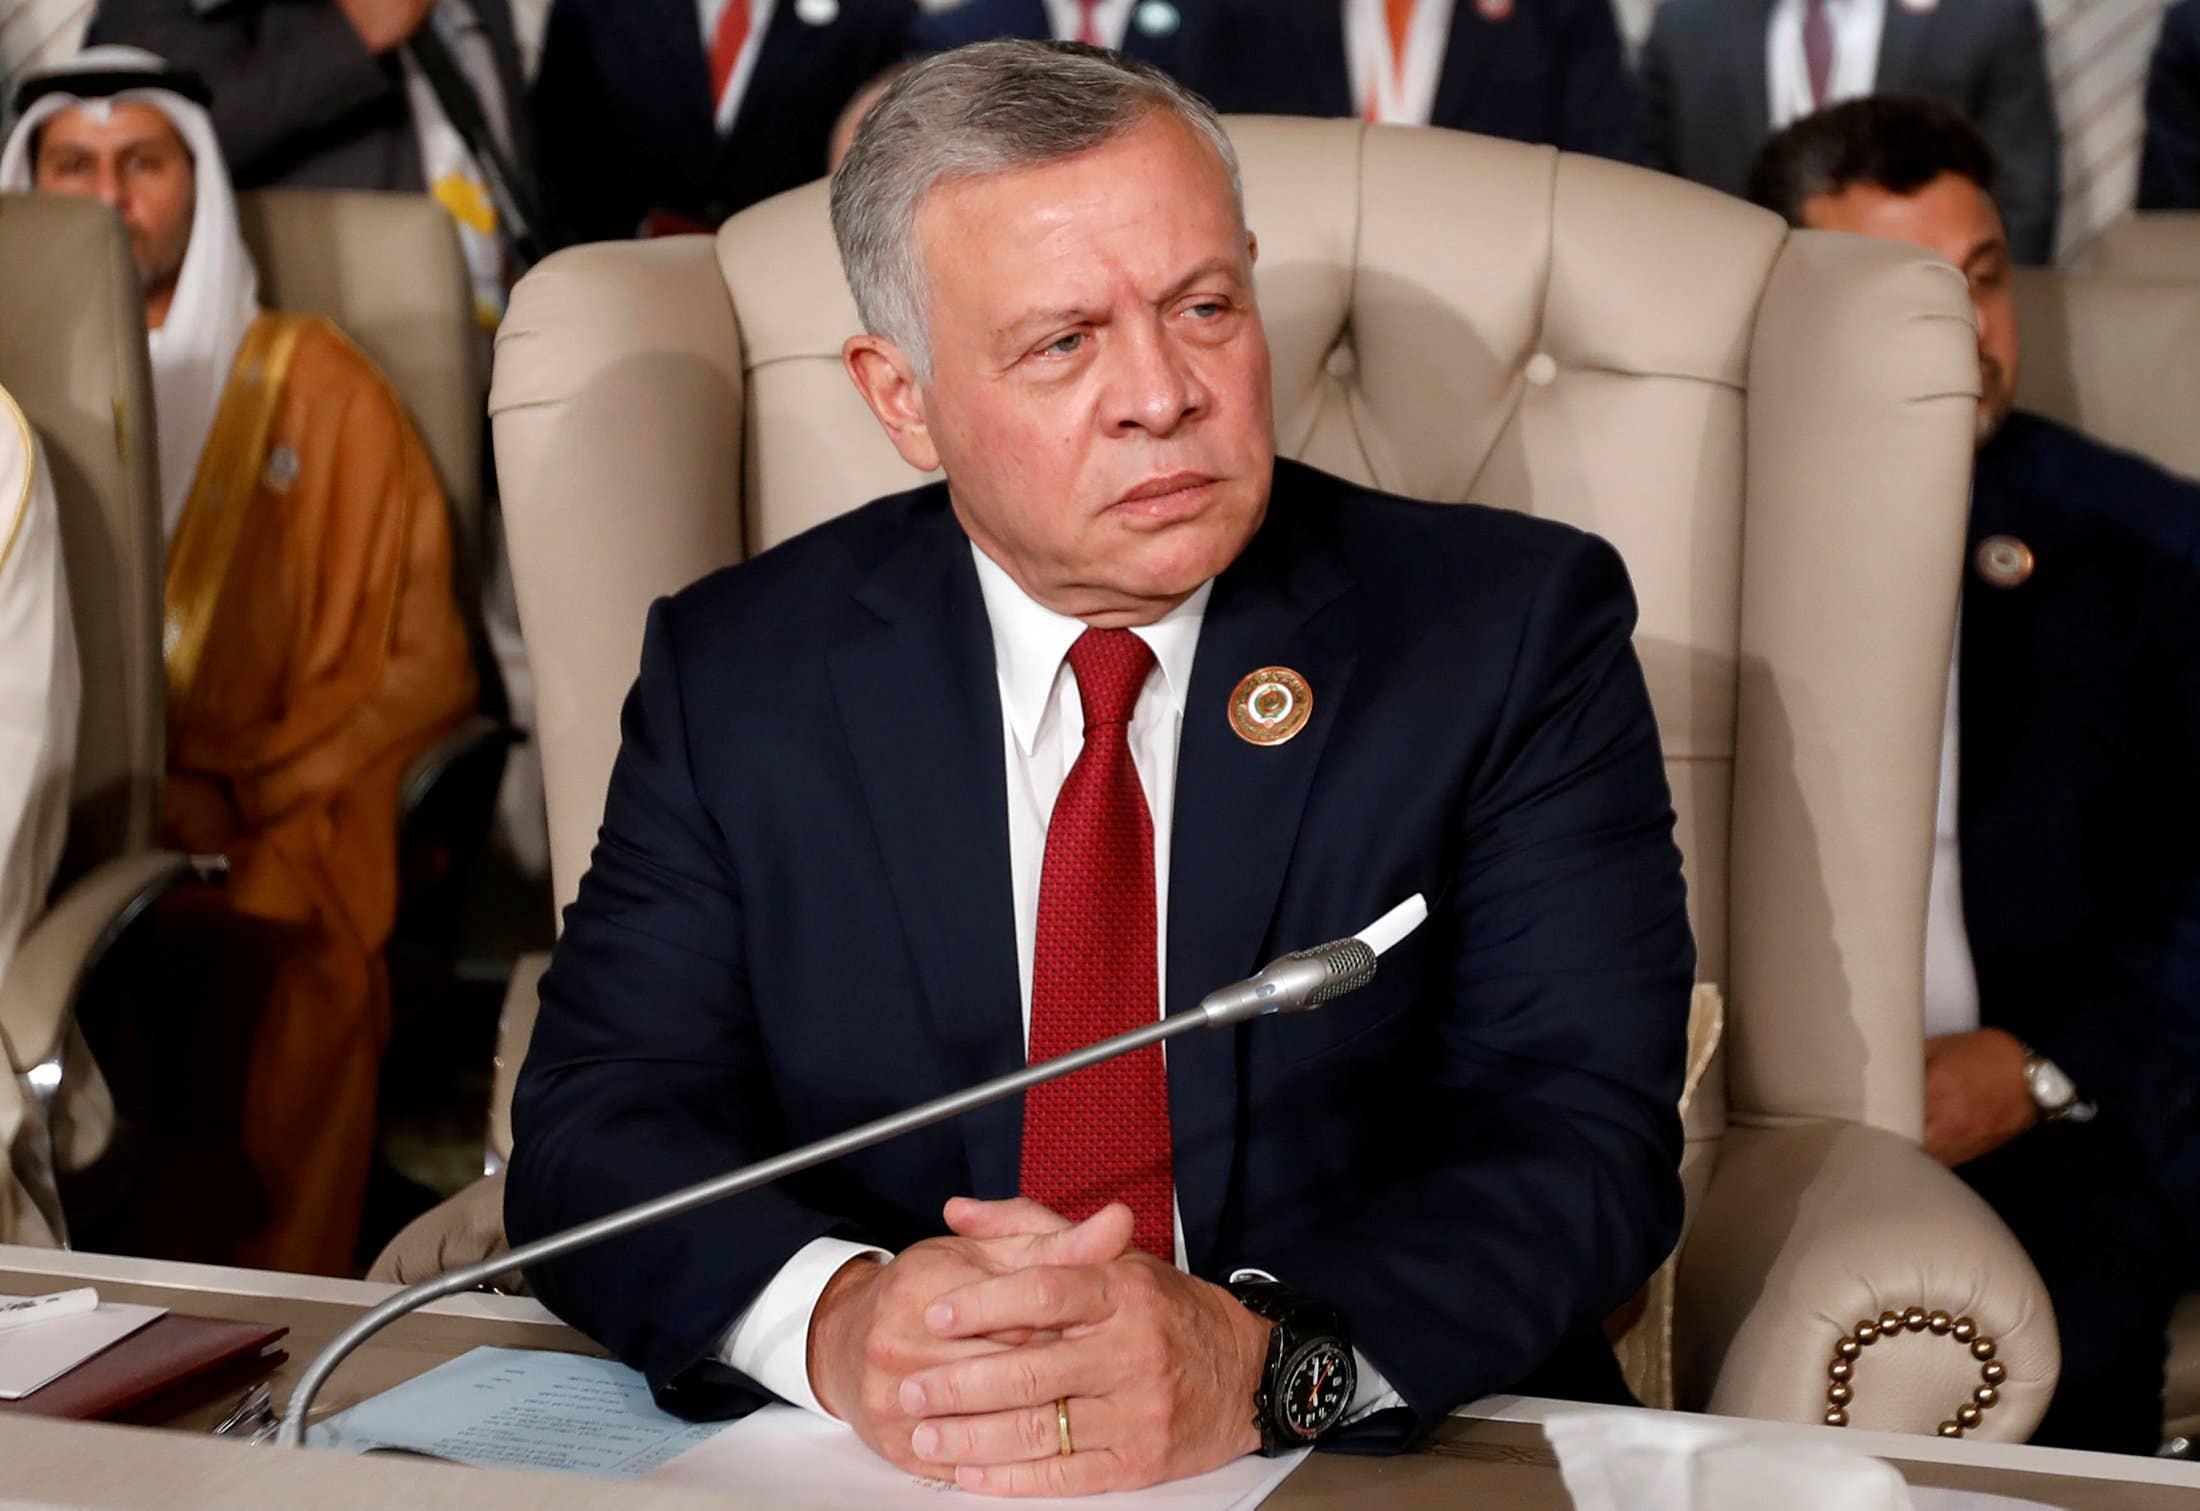 ولیعهد سابق اردن به اتهام تلاش برای کودتا در حبس خانگی به سر برده و به او گفته شده تنها برای دیدار با خانواده می تواند خانه را ترک کند.